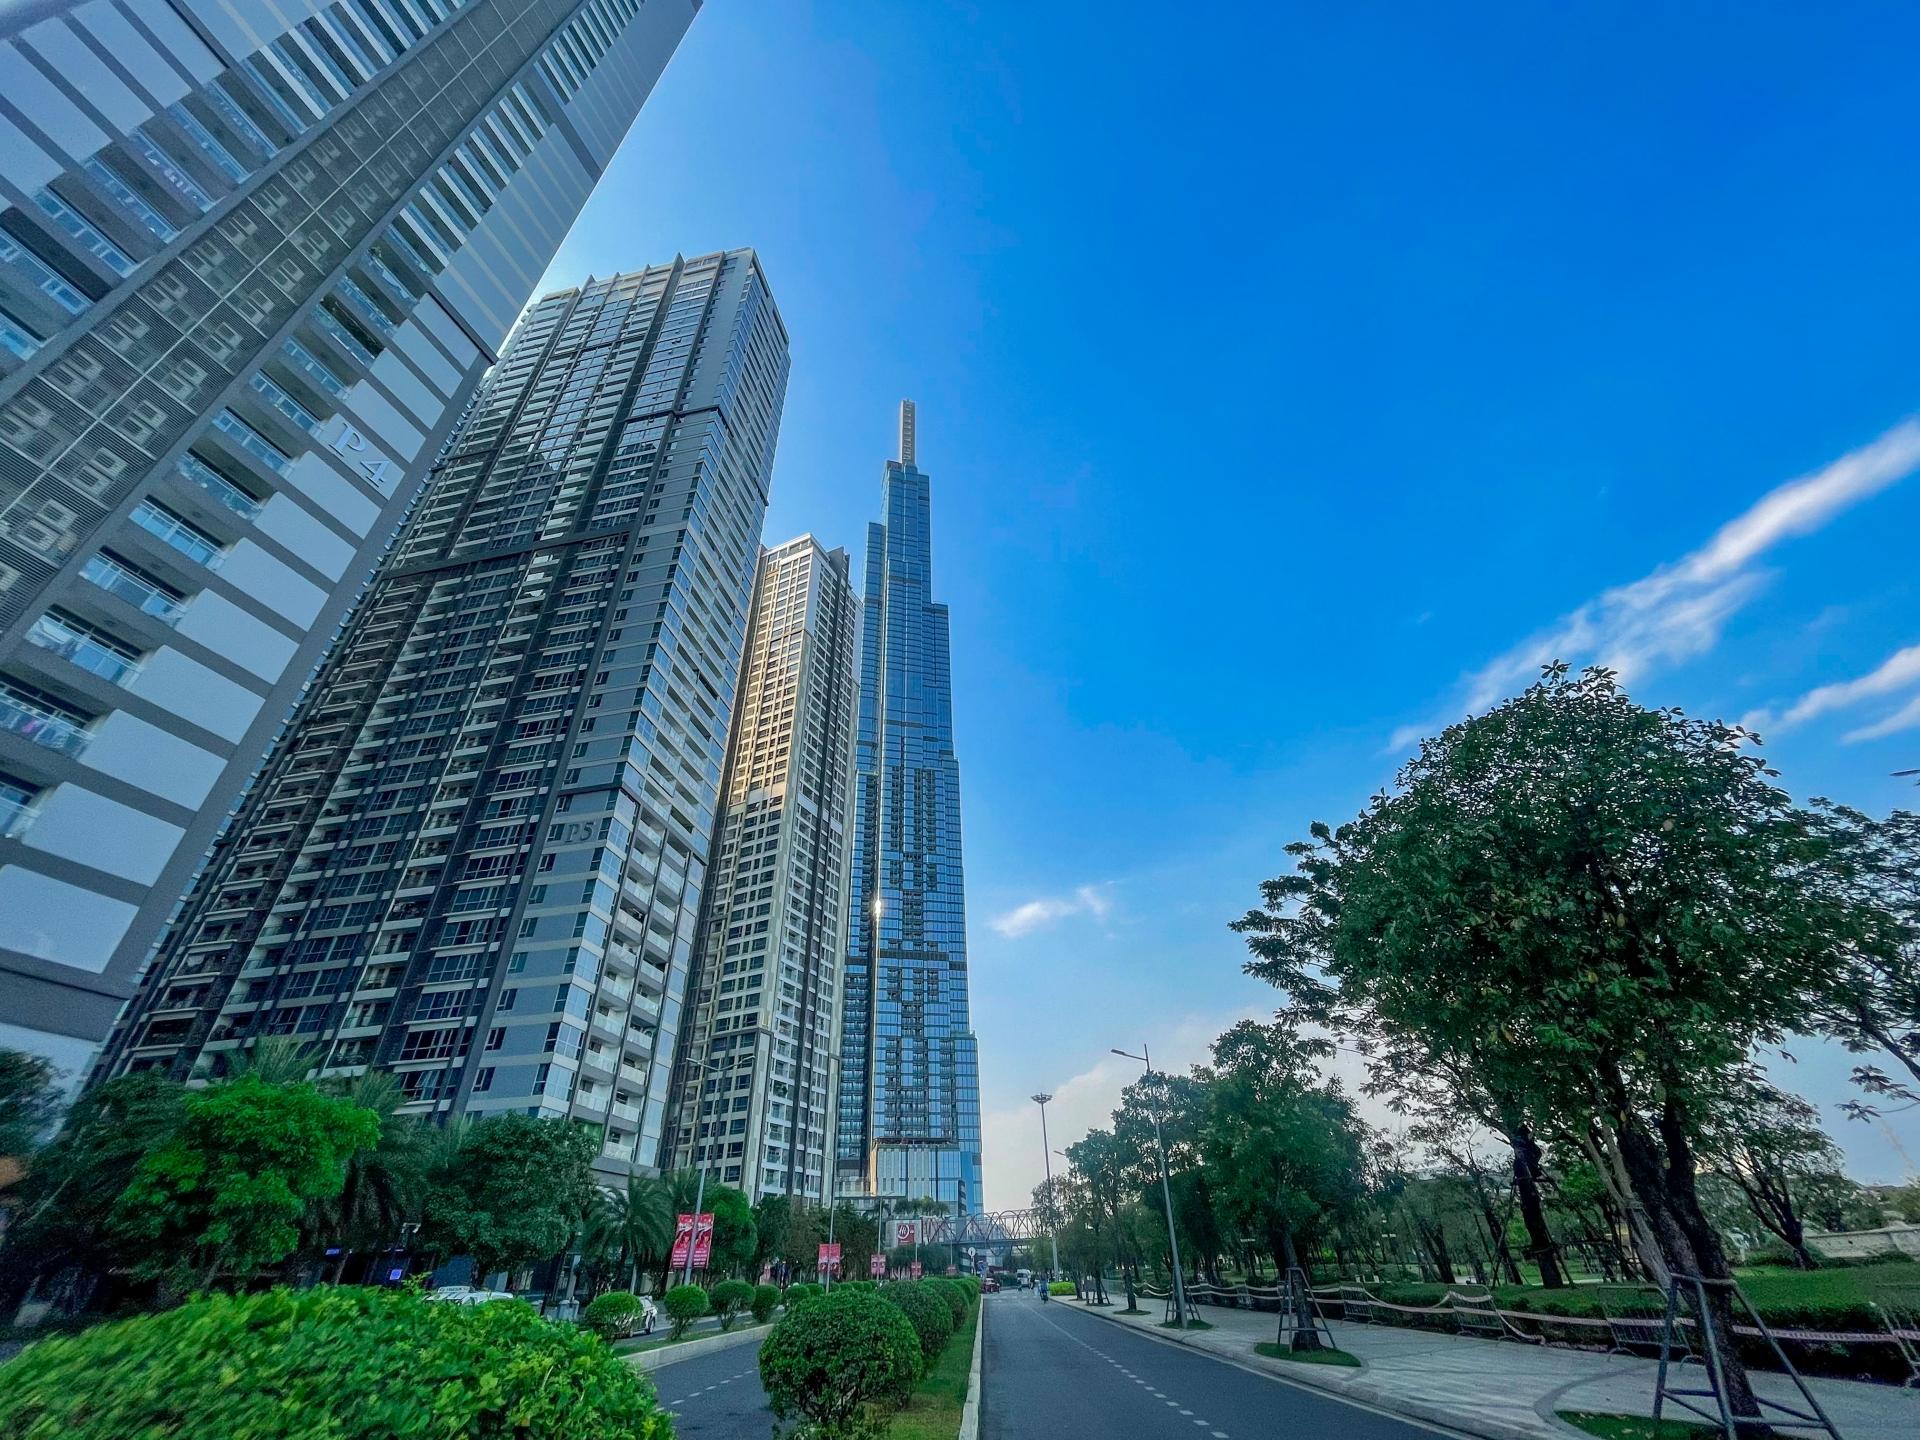 「ランドマーク81」高さ481.3メートルで東南アジア最高層ビル